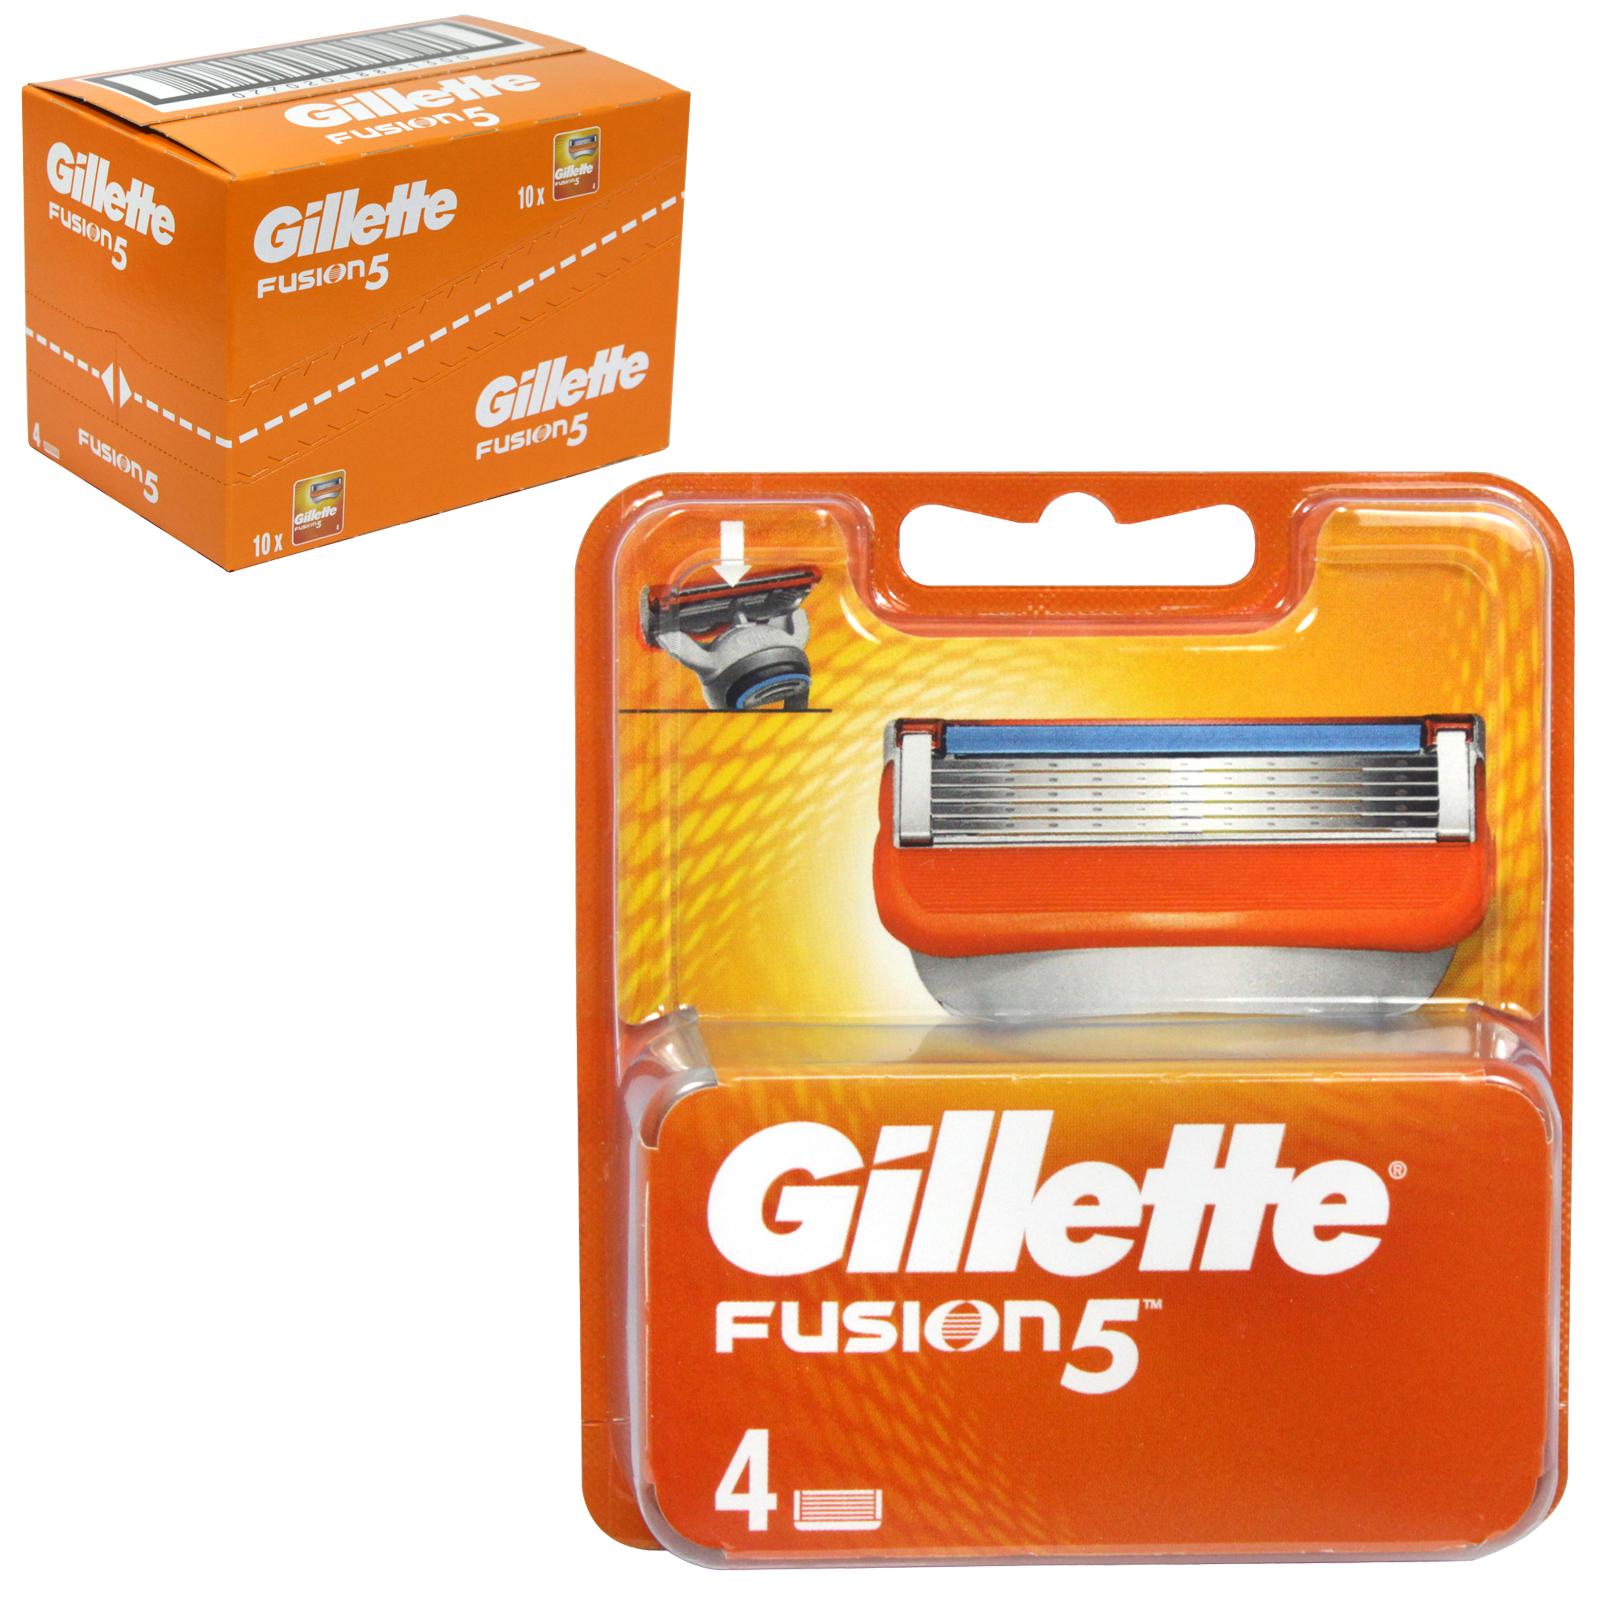 GILLETTE FUSION CARTRIDGES 4S